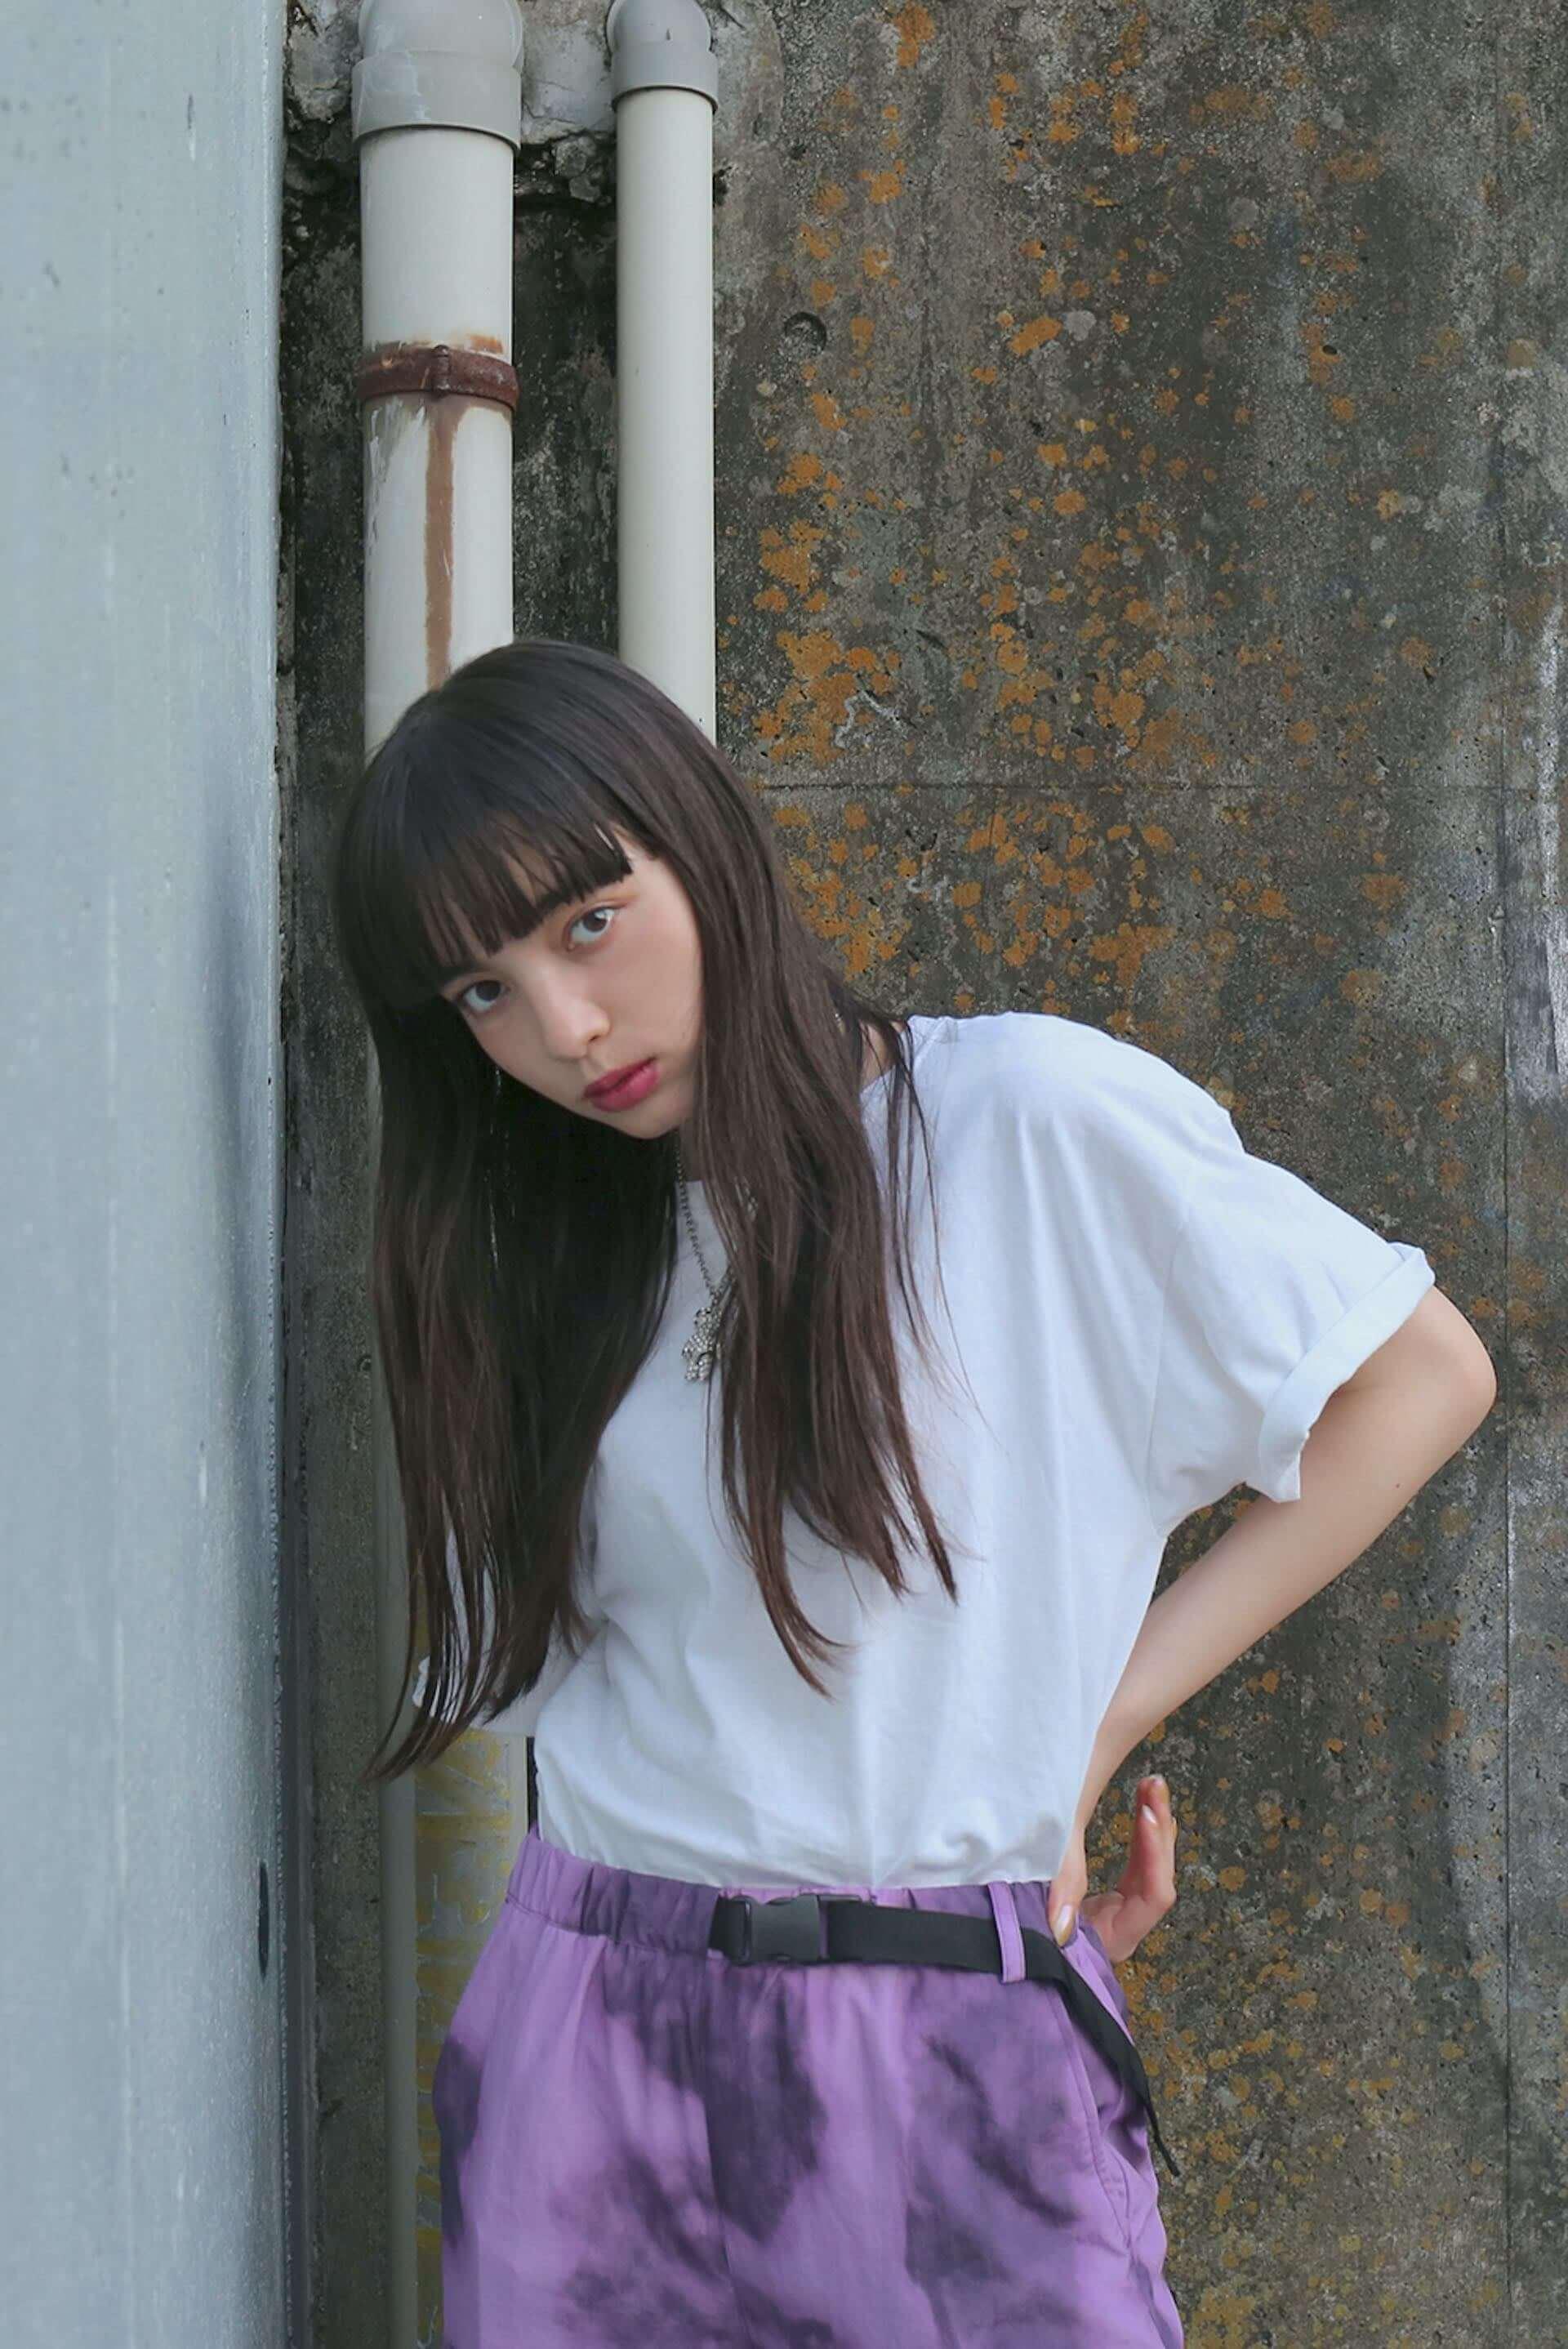 """MANONが4ヶ月ぶりのニューシングル""""18""""をリリース&MV公開!楽曲はKMがプロデュース music201120_manon_1-1920x2876"""